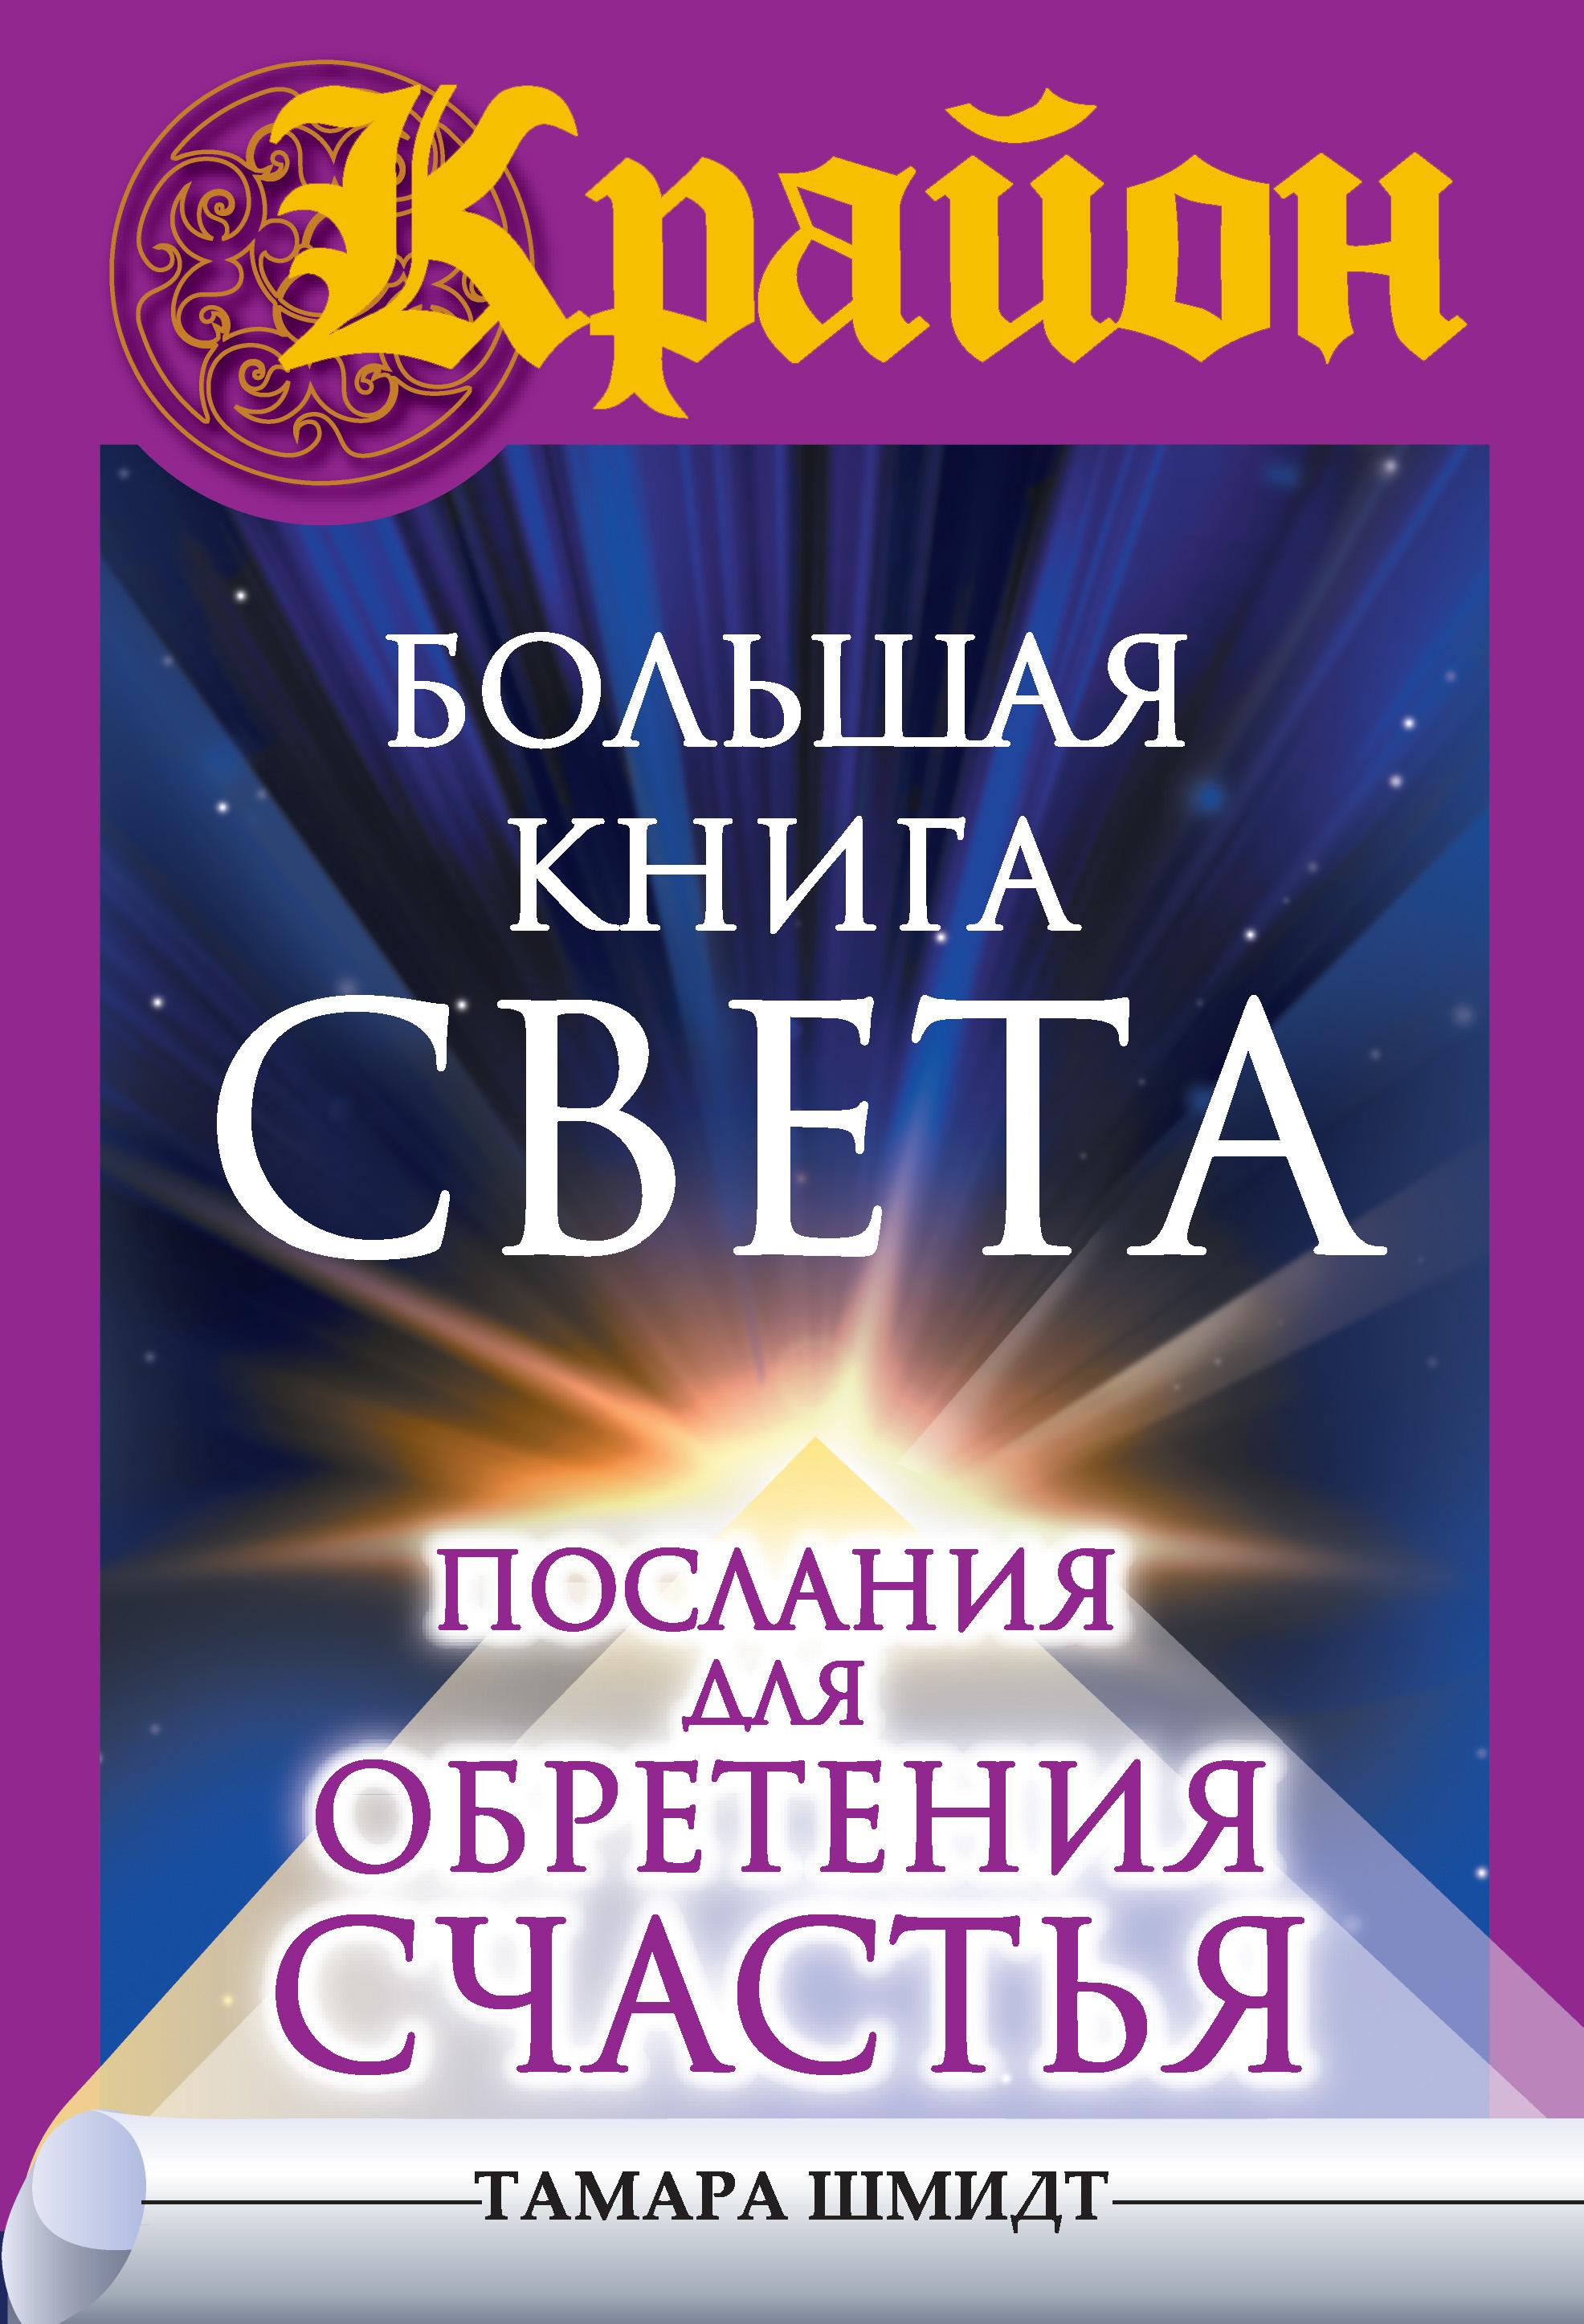 Тамара Шмидт «Крайон. Большая книга Света. Послания для обретения Счастья»